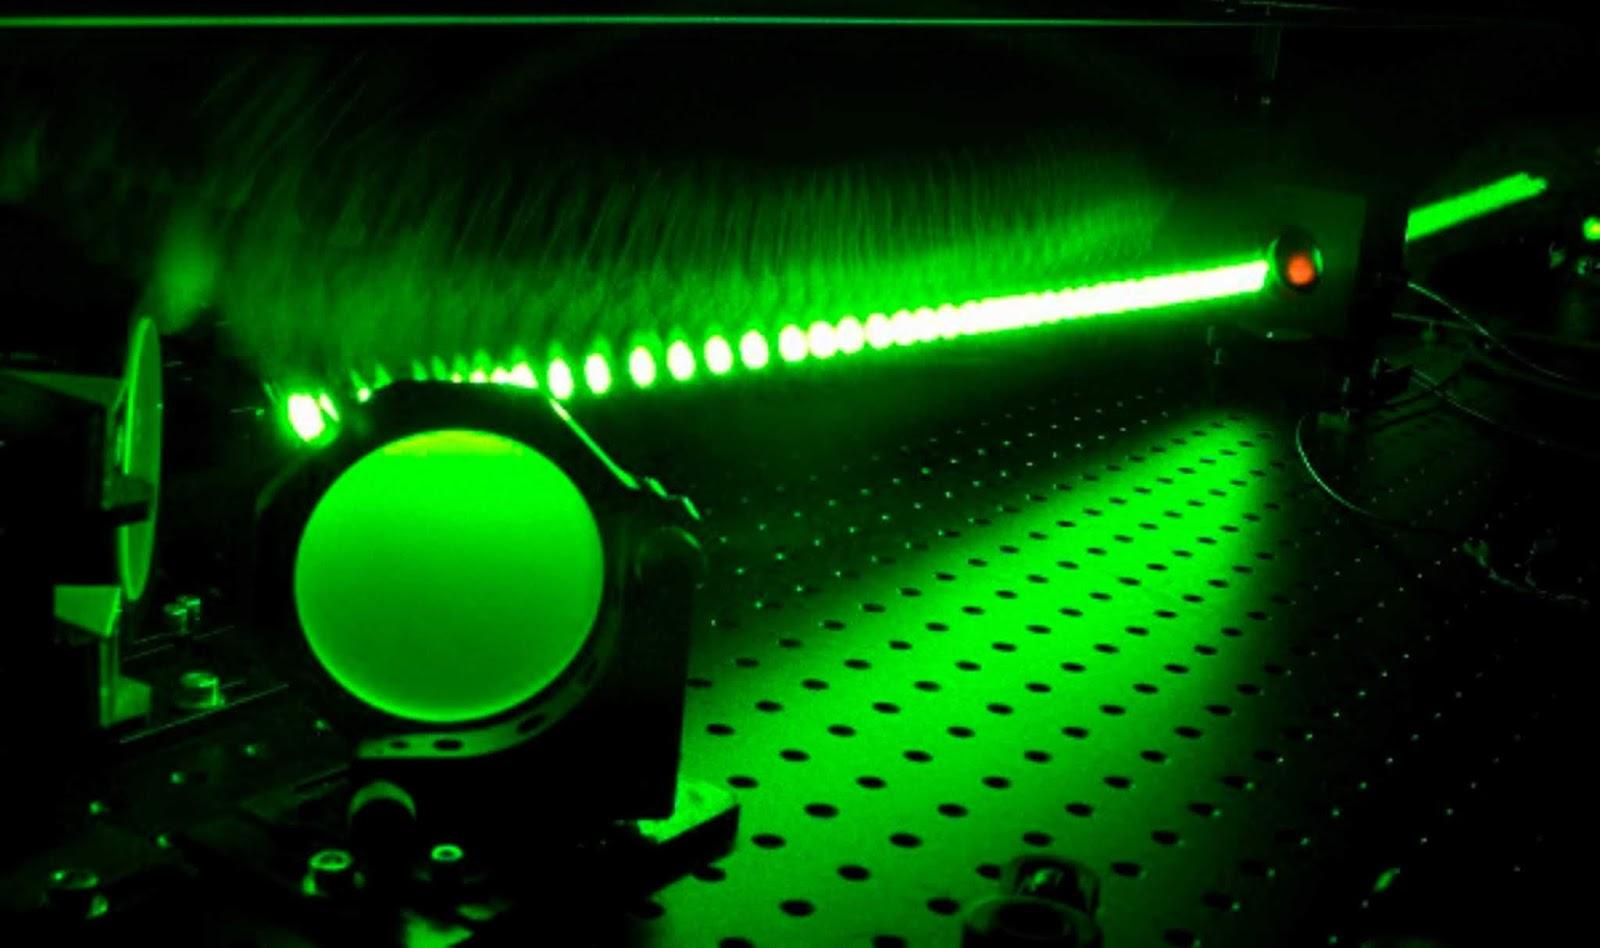 Kekuatan sistem laser di Rumania mencapai sepersepuluh dari energi matahari